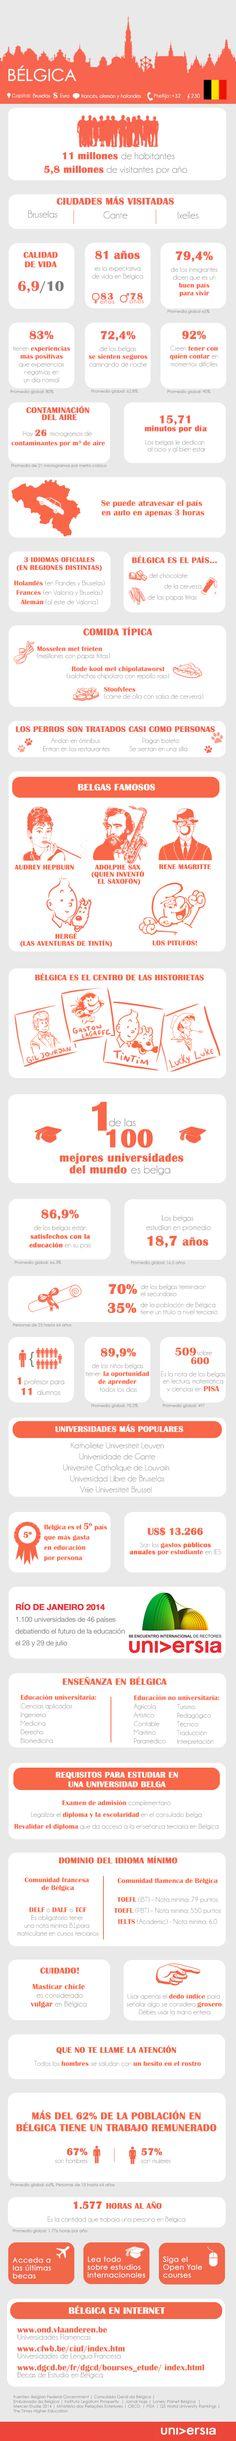 30 datos de Bélgica que debes conocer antes de viajar a estudiar o trabajar #infografia #infographic #empleo